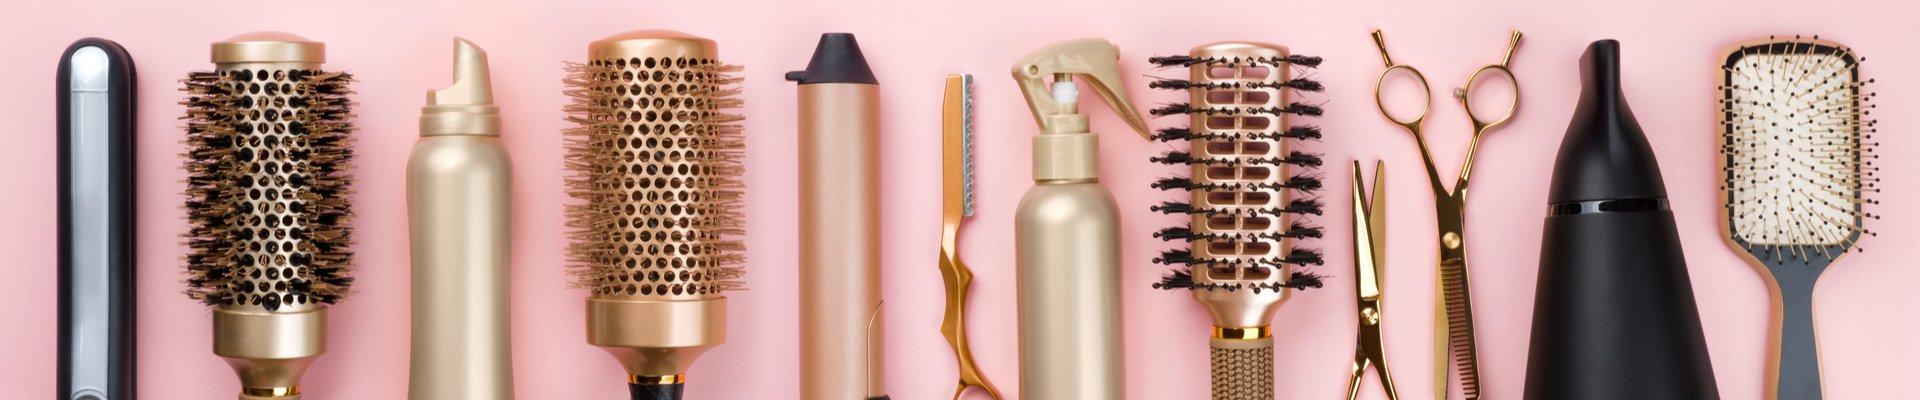 come usare il ferro arriccia capelli